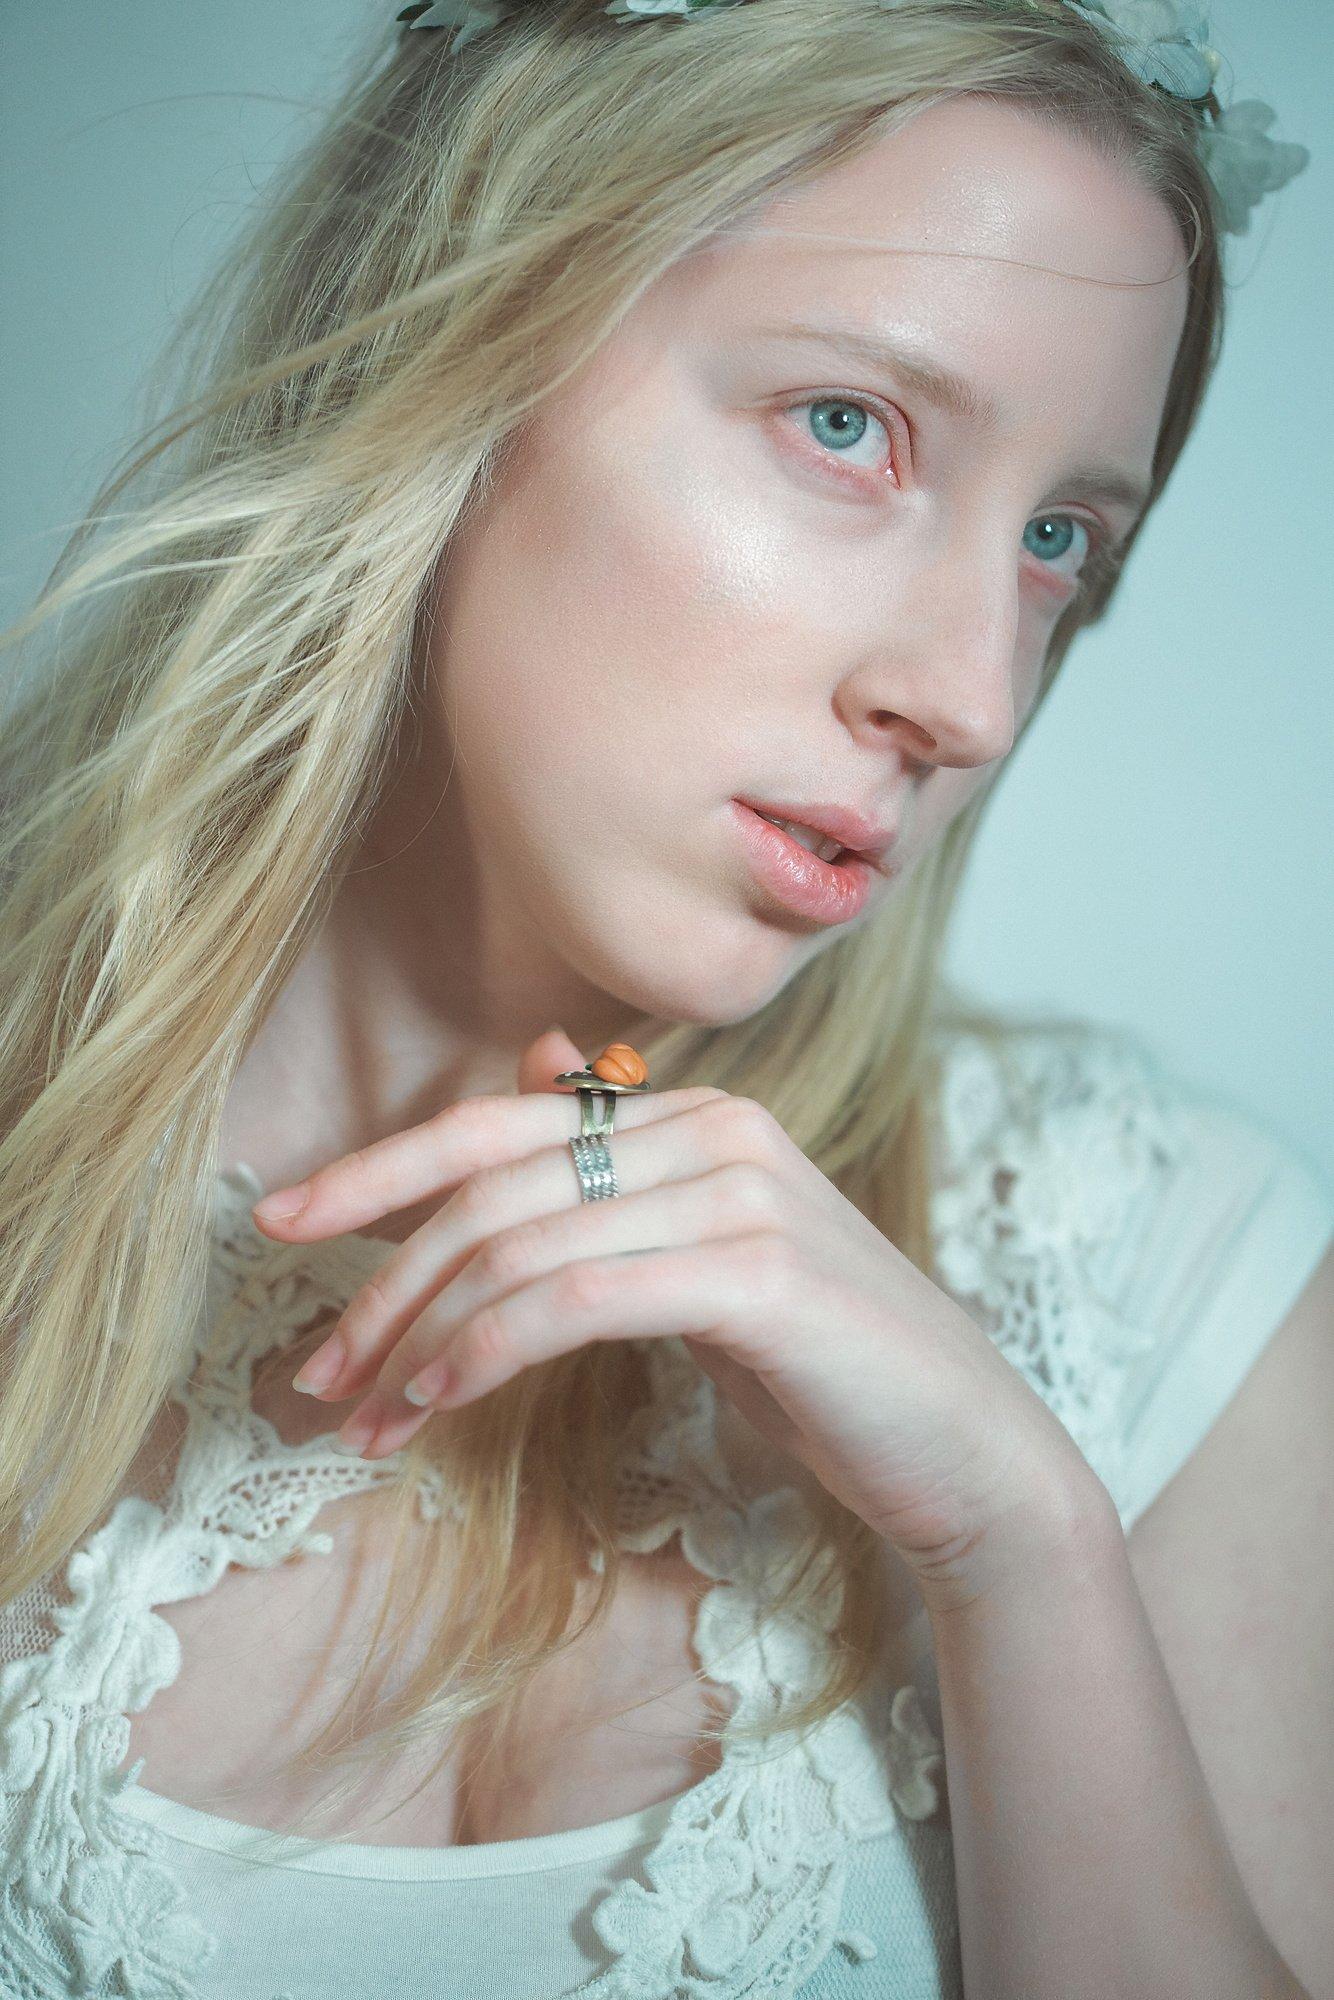 Портрет, зеленый, девушка, взгляд, рука, кисть, блонд, платье, юность, Михаил Землянский